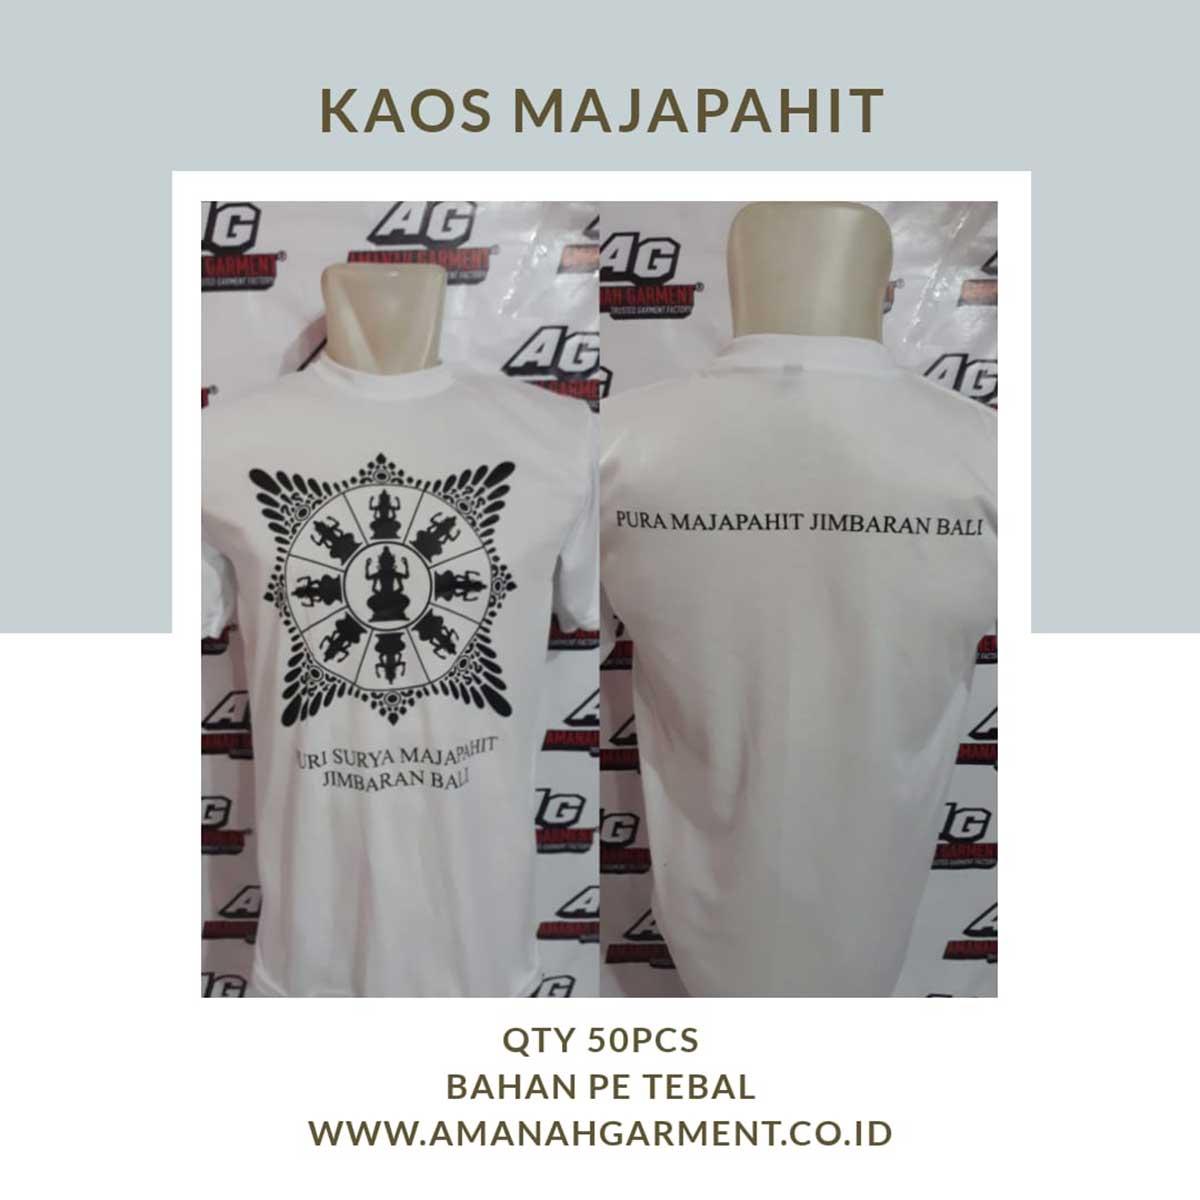 Jasa Produksi Kaos Sablon Murah Online di Bandung